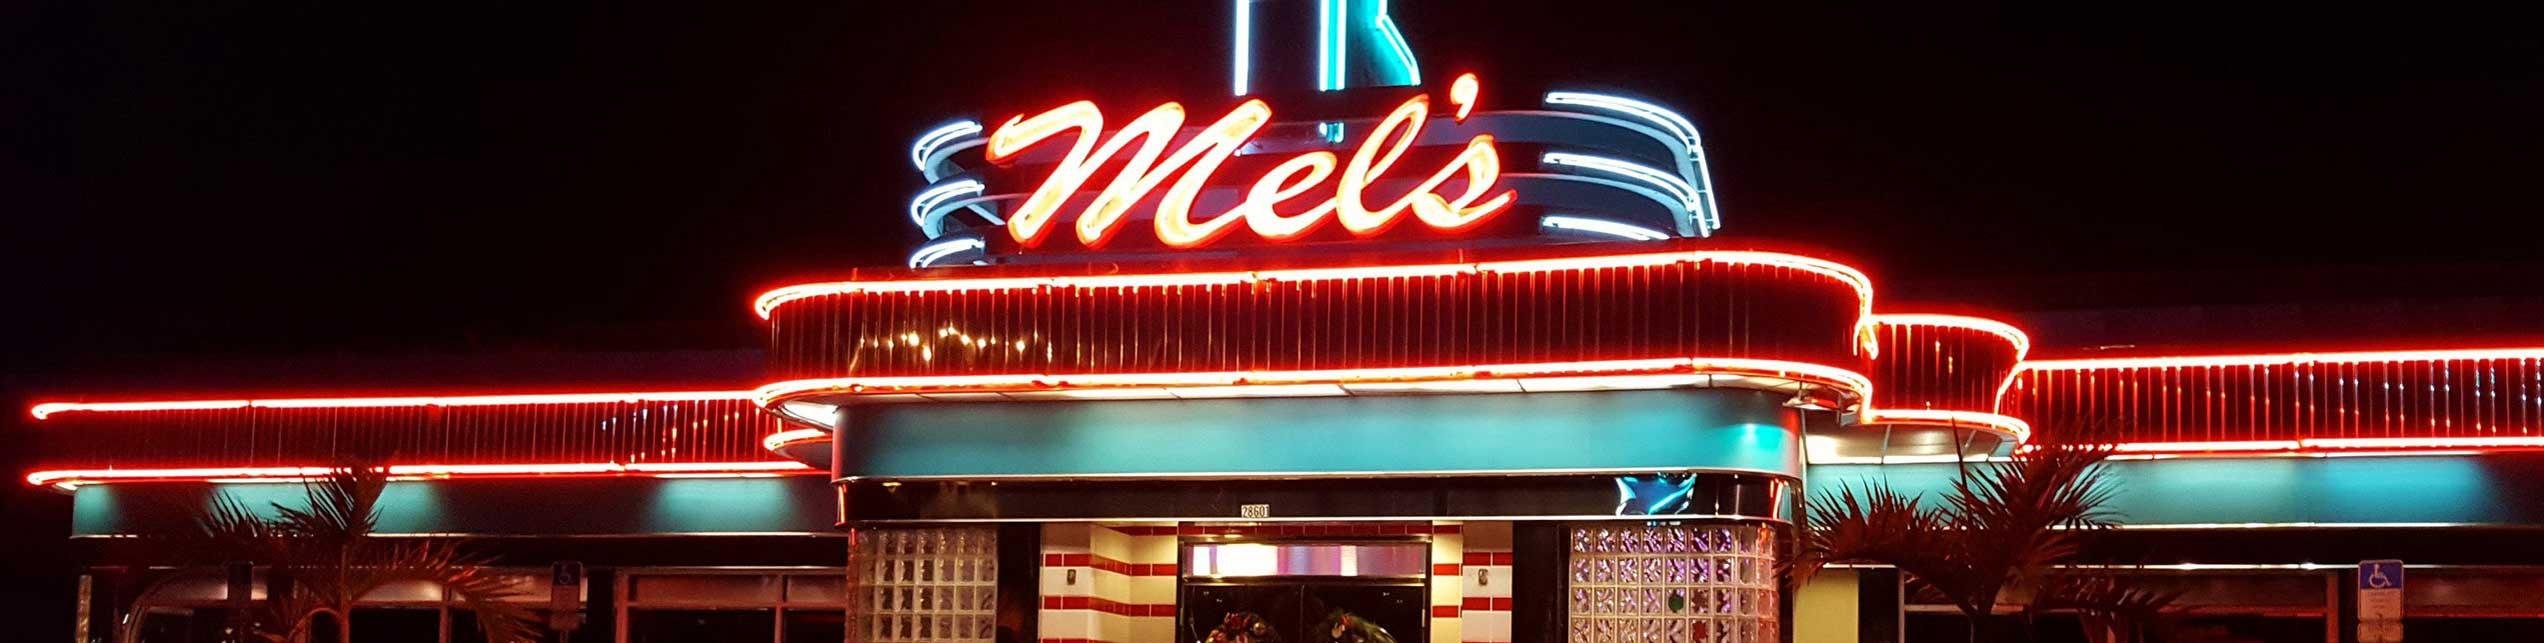 Diner | Mel's Diner - Southwest Florida's Classic American Diner